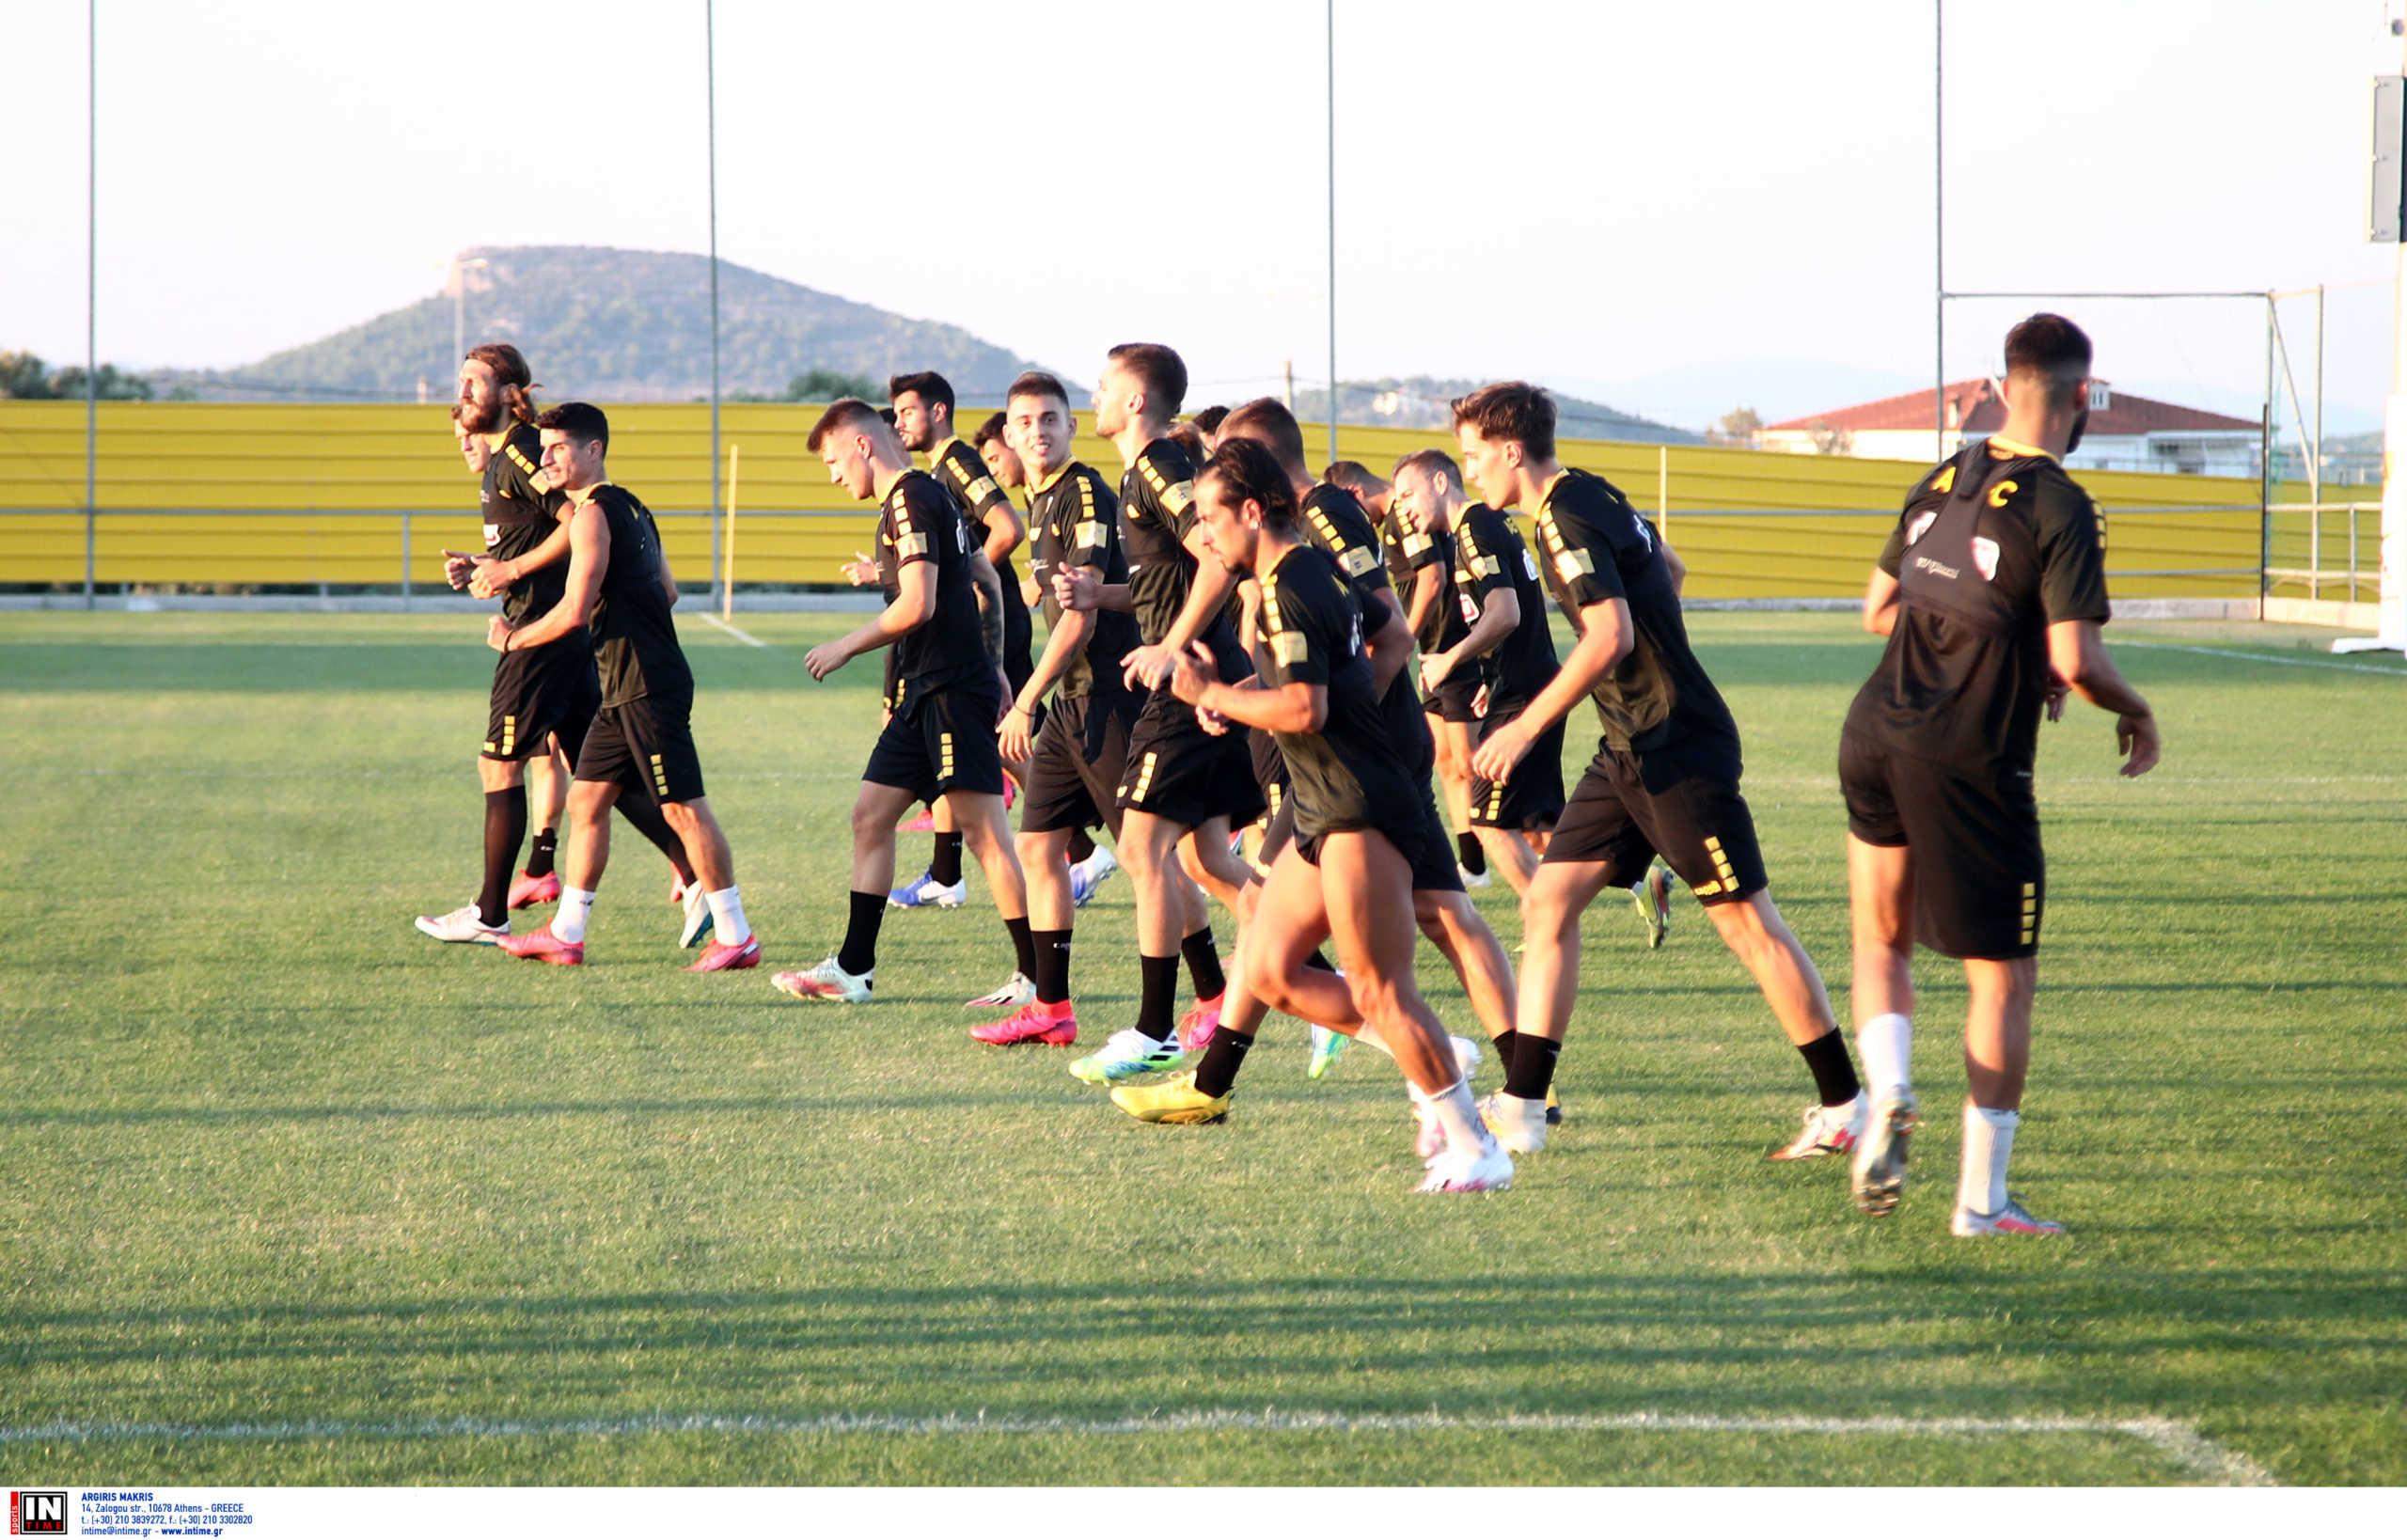 ΑΕΚ: Απίθανο να προλάβει ο Χνιντ το ματς με τον Βόλο